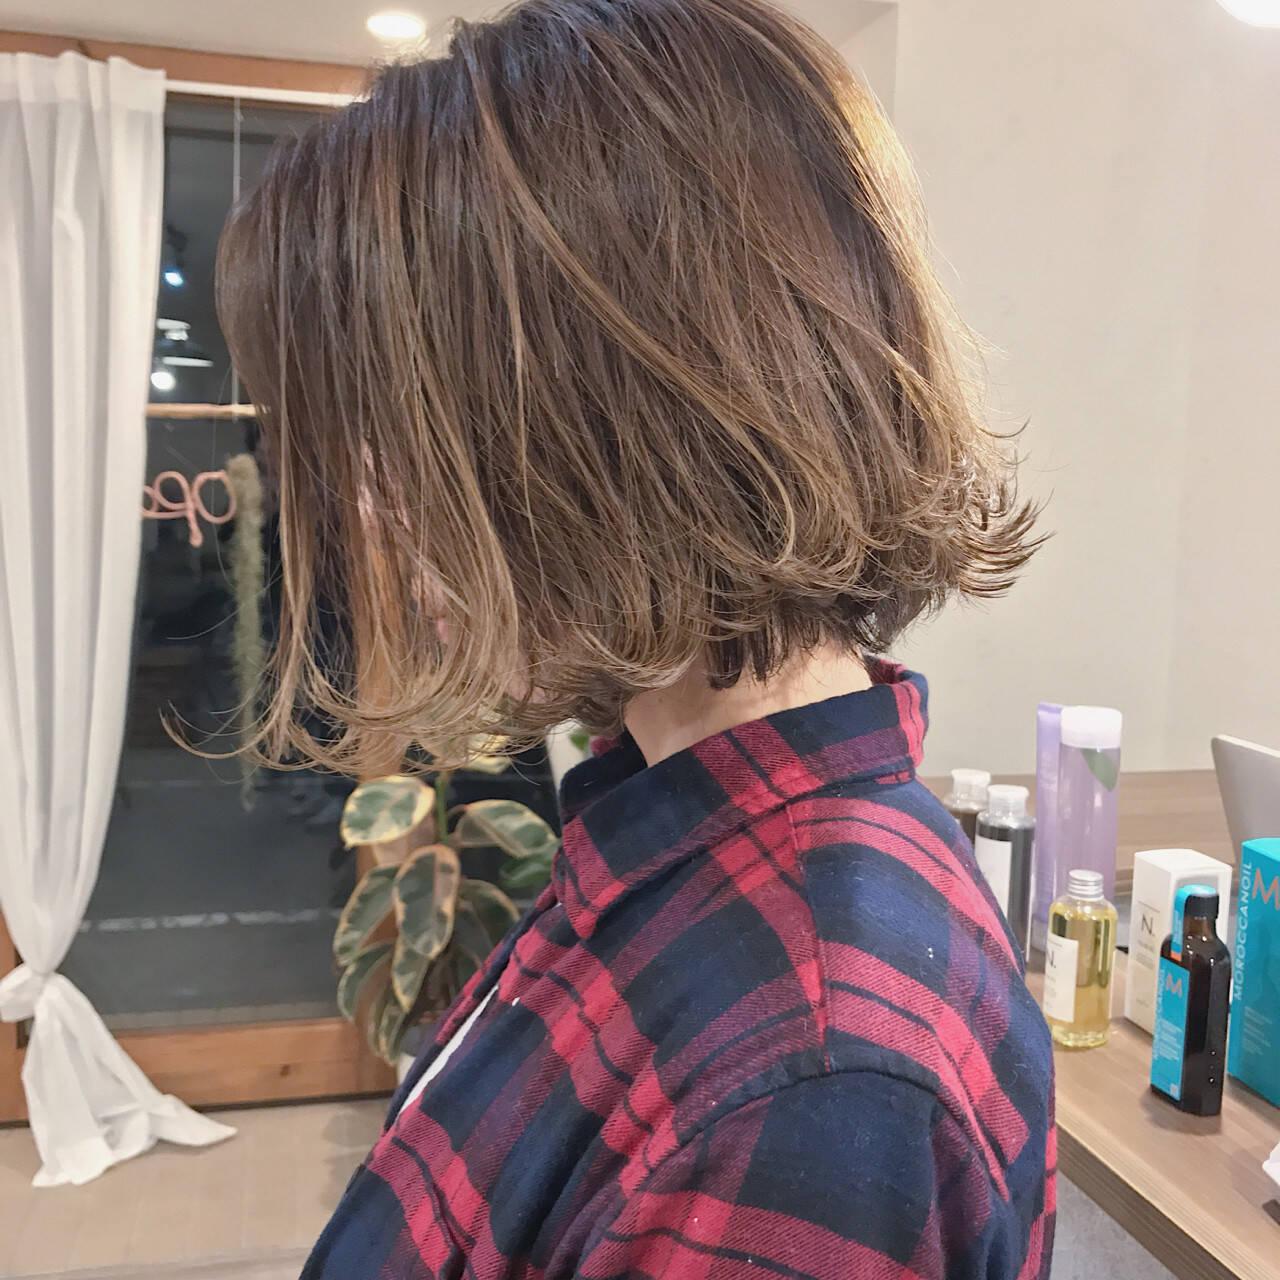 ボブ 切りっぱなし 謝恩会 アンニュイヘアスタイルや髪型の写真・画像